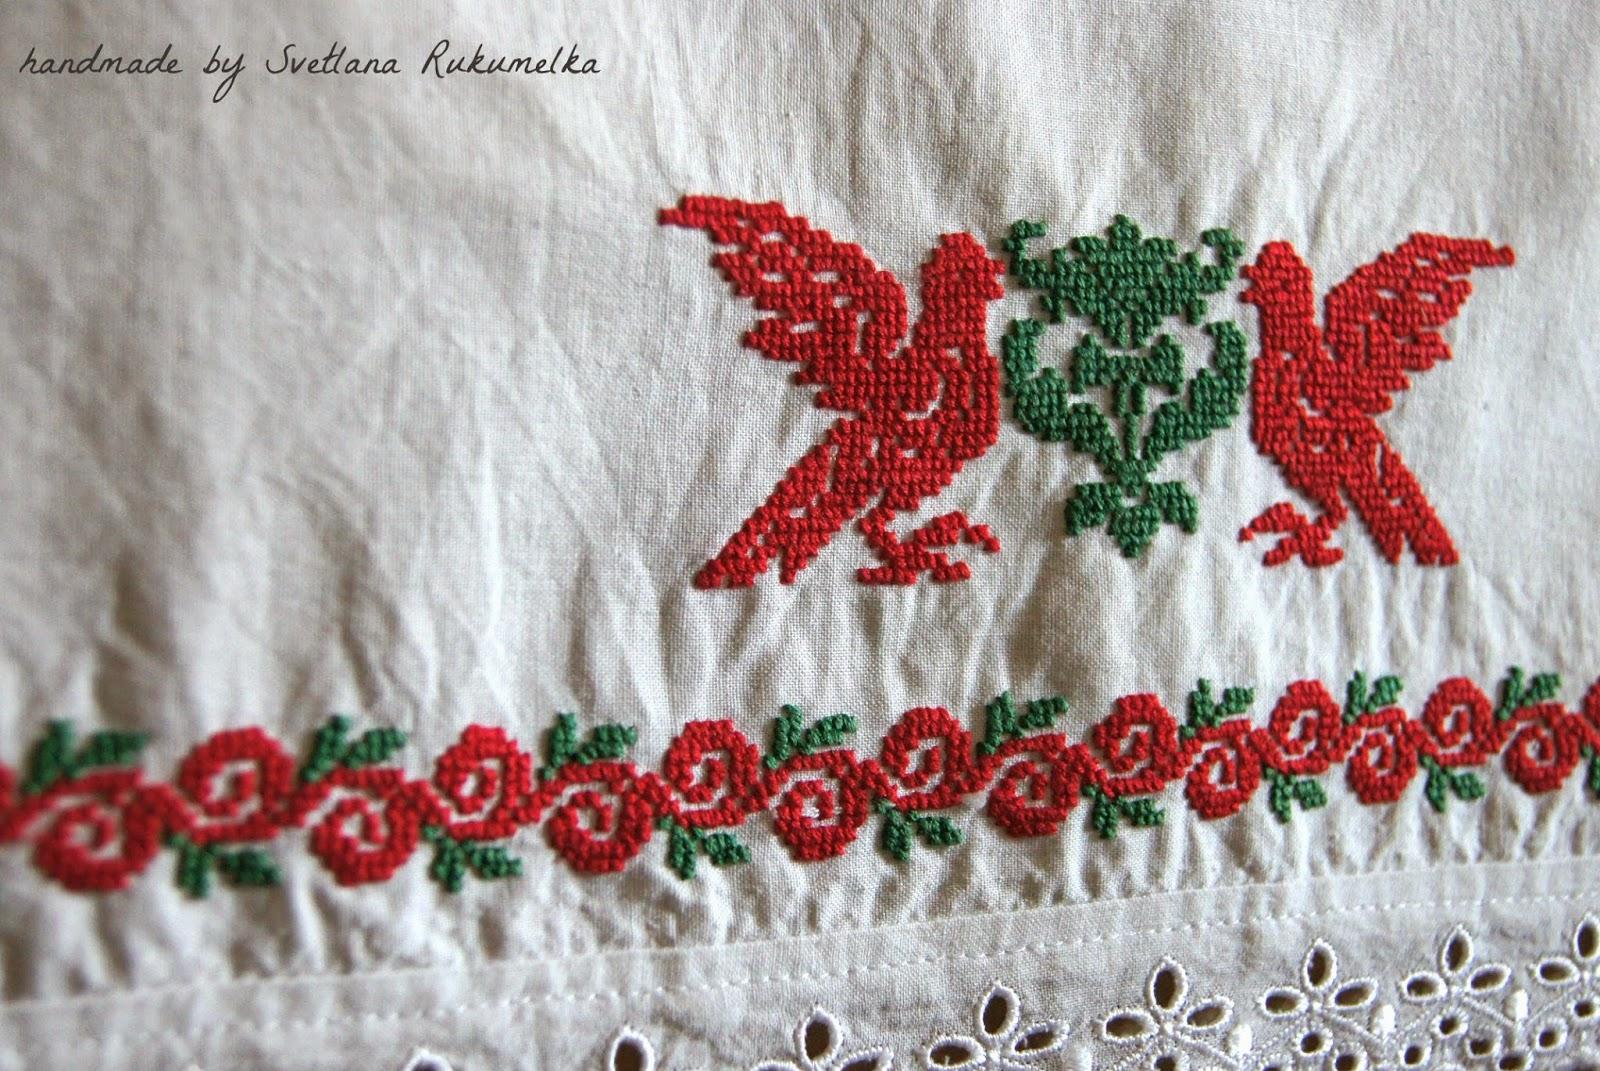 Рушник, вышивка крестом, голуби, цветы, красный, зеленый.